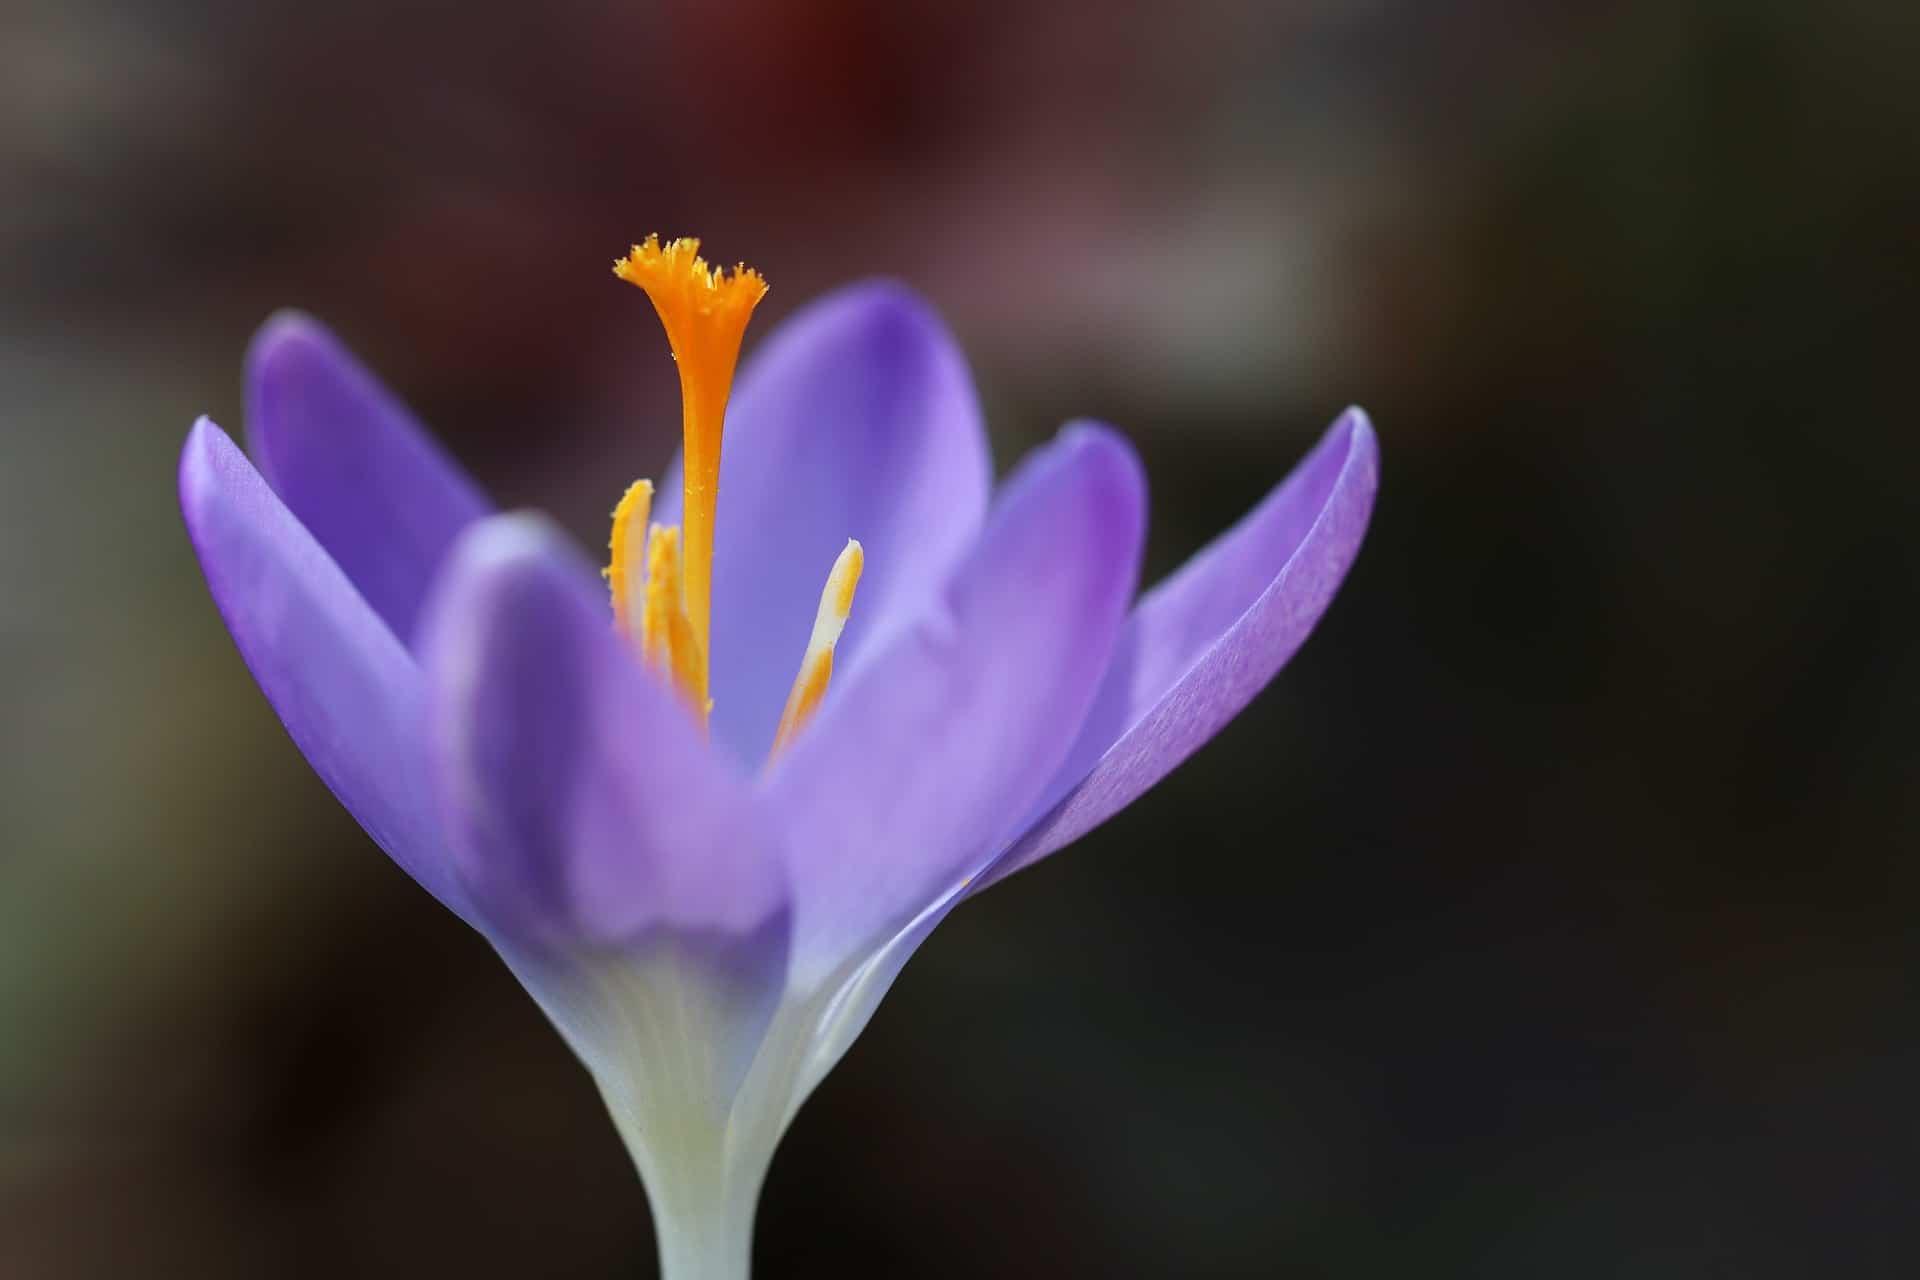 El pistilo de la flor de azafrán es anaranjado